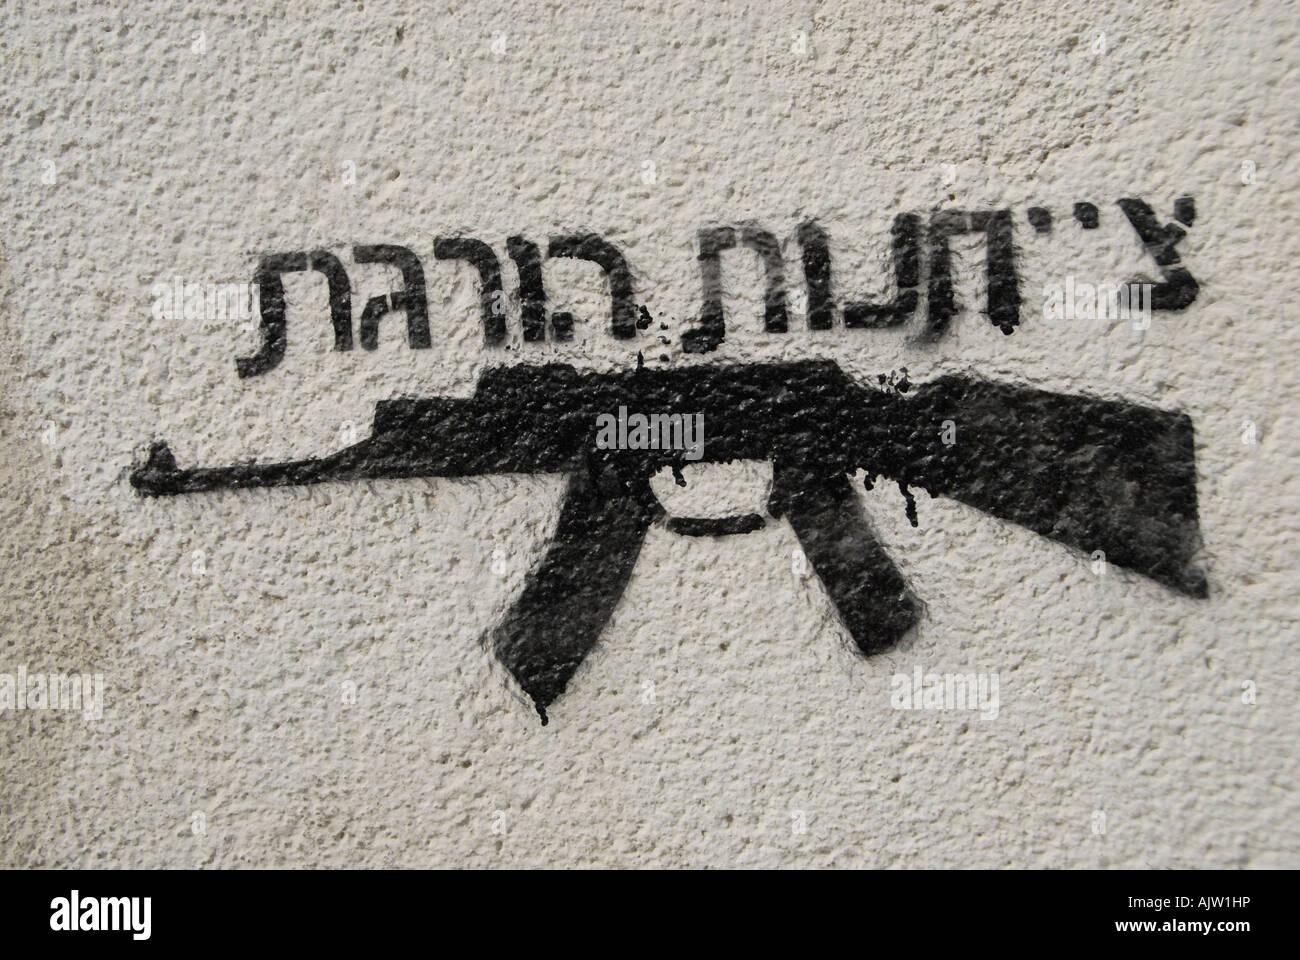 Le Graffiti d'une kalachnikov AK-47 machine gun avec une phrase en hébreu qui lit' obéissance Photo Stock